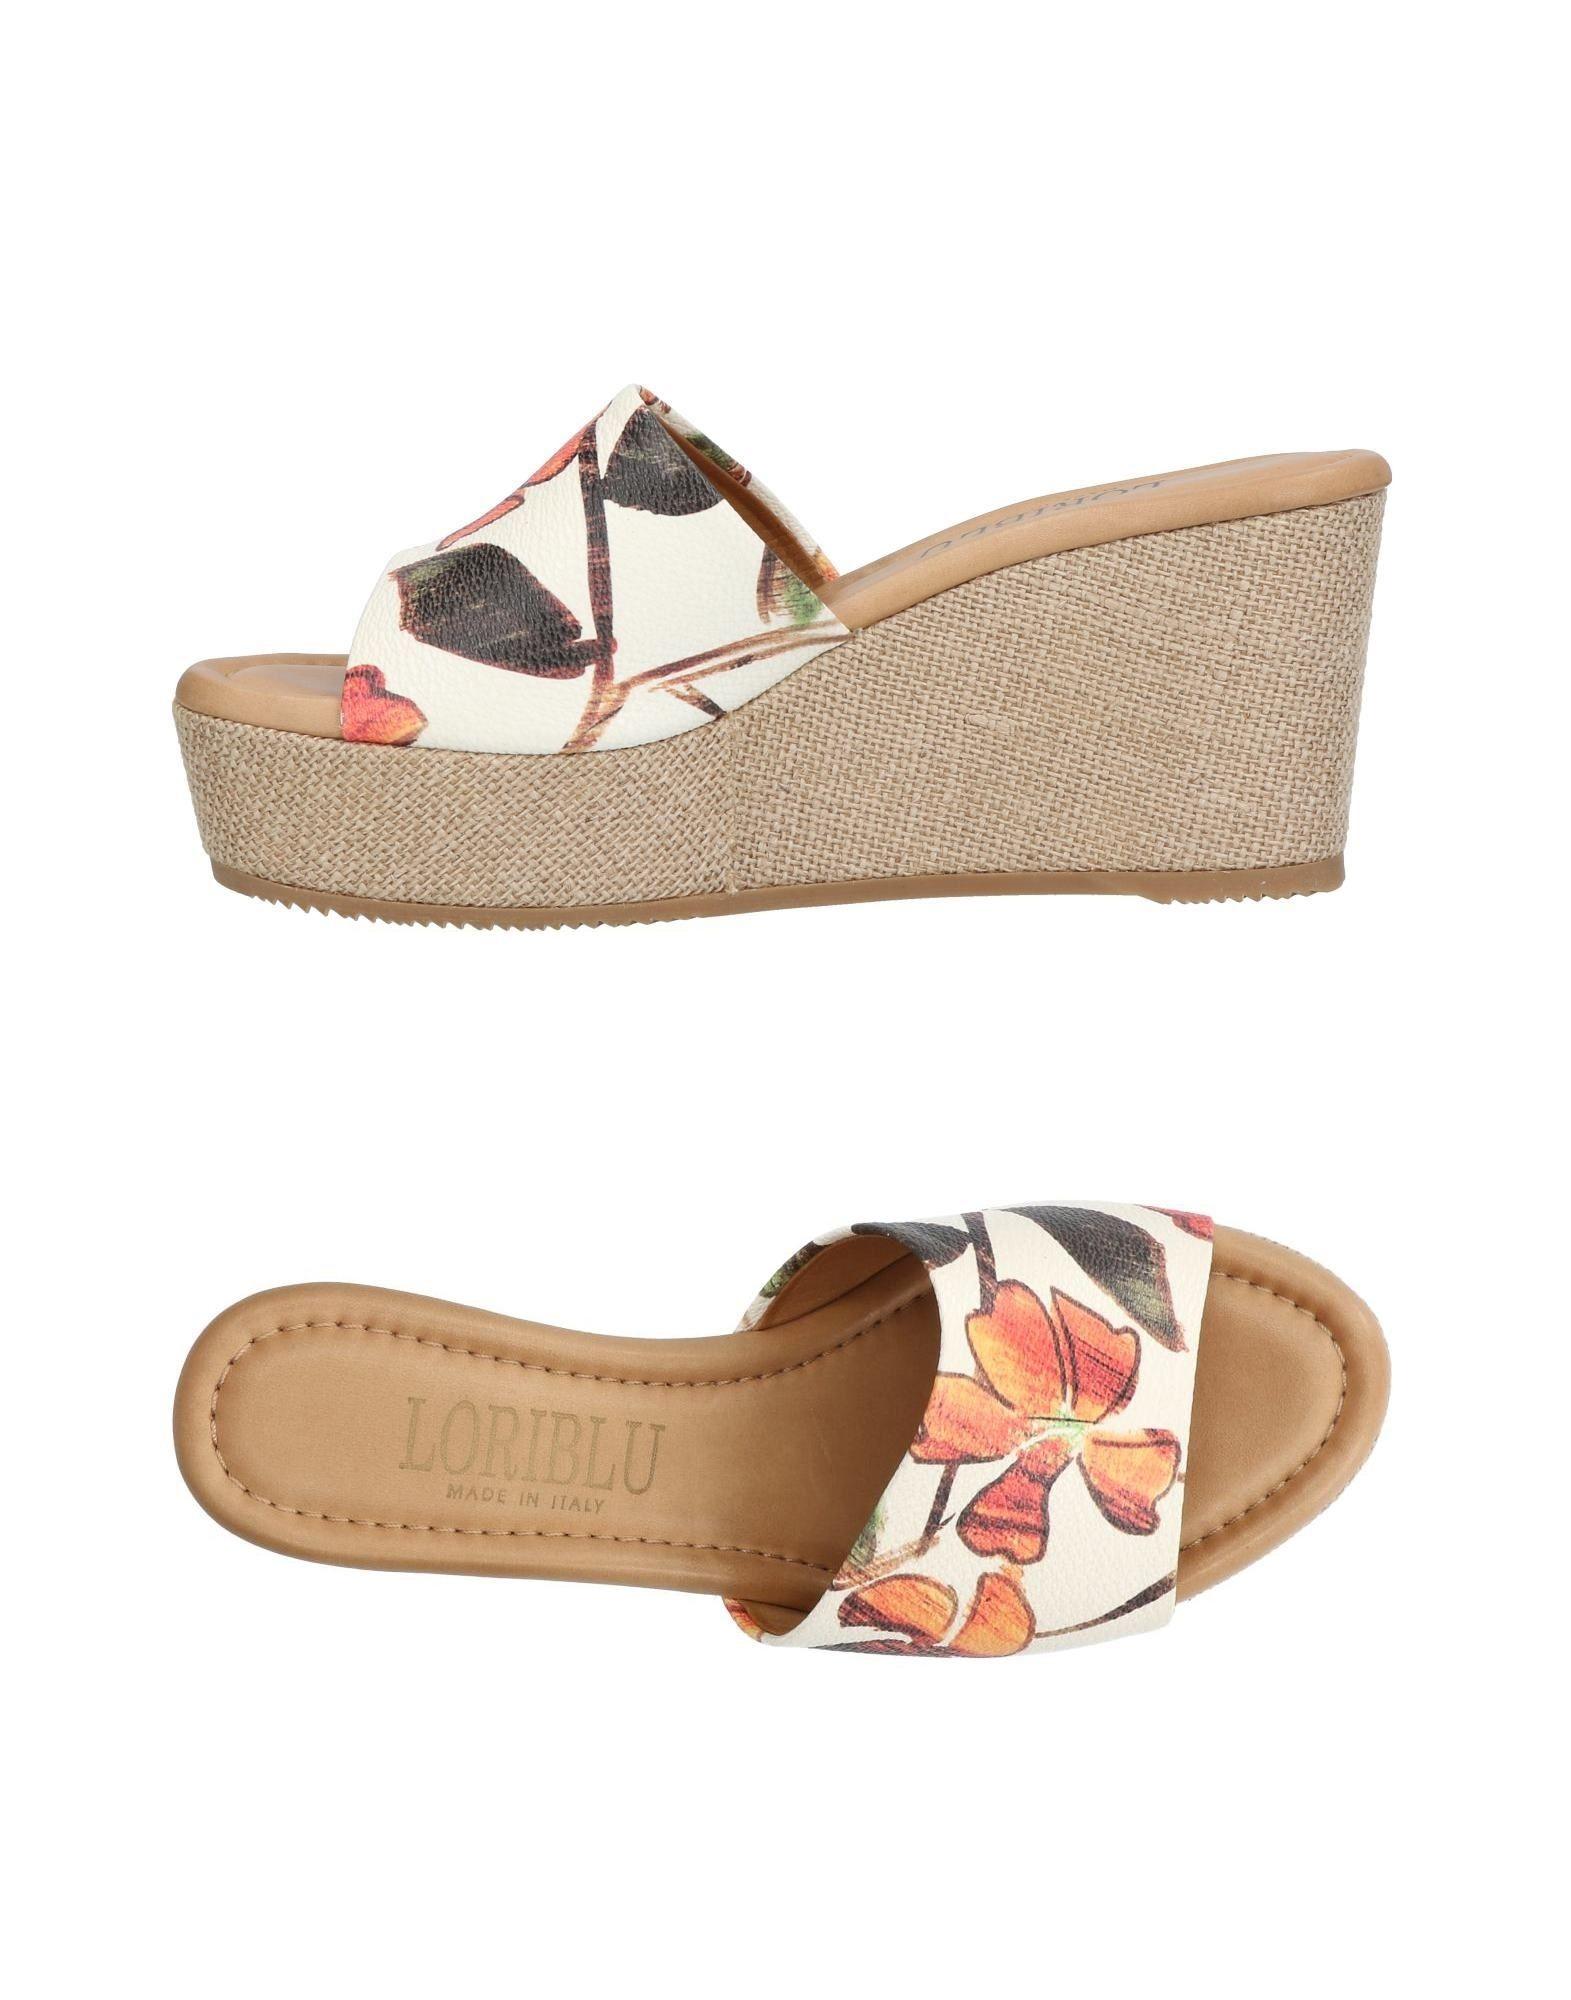 Loriblu Sandalen Damen  11419884VX Gute Qualität beliebte Schuhe